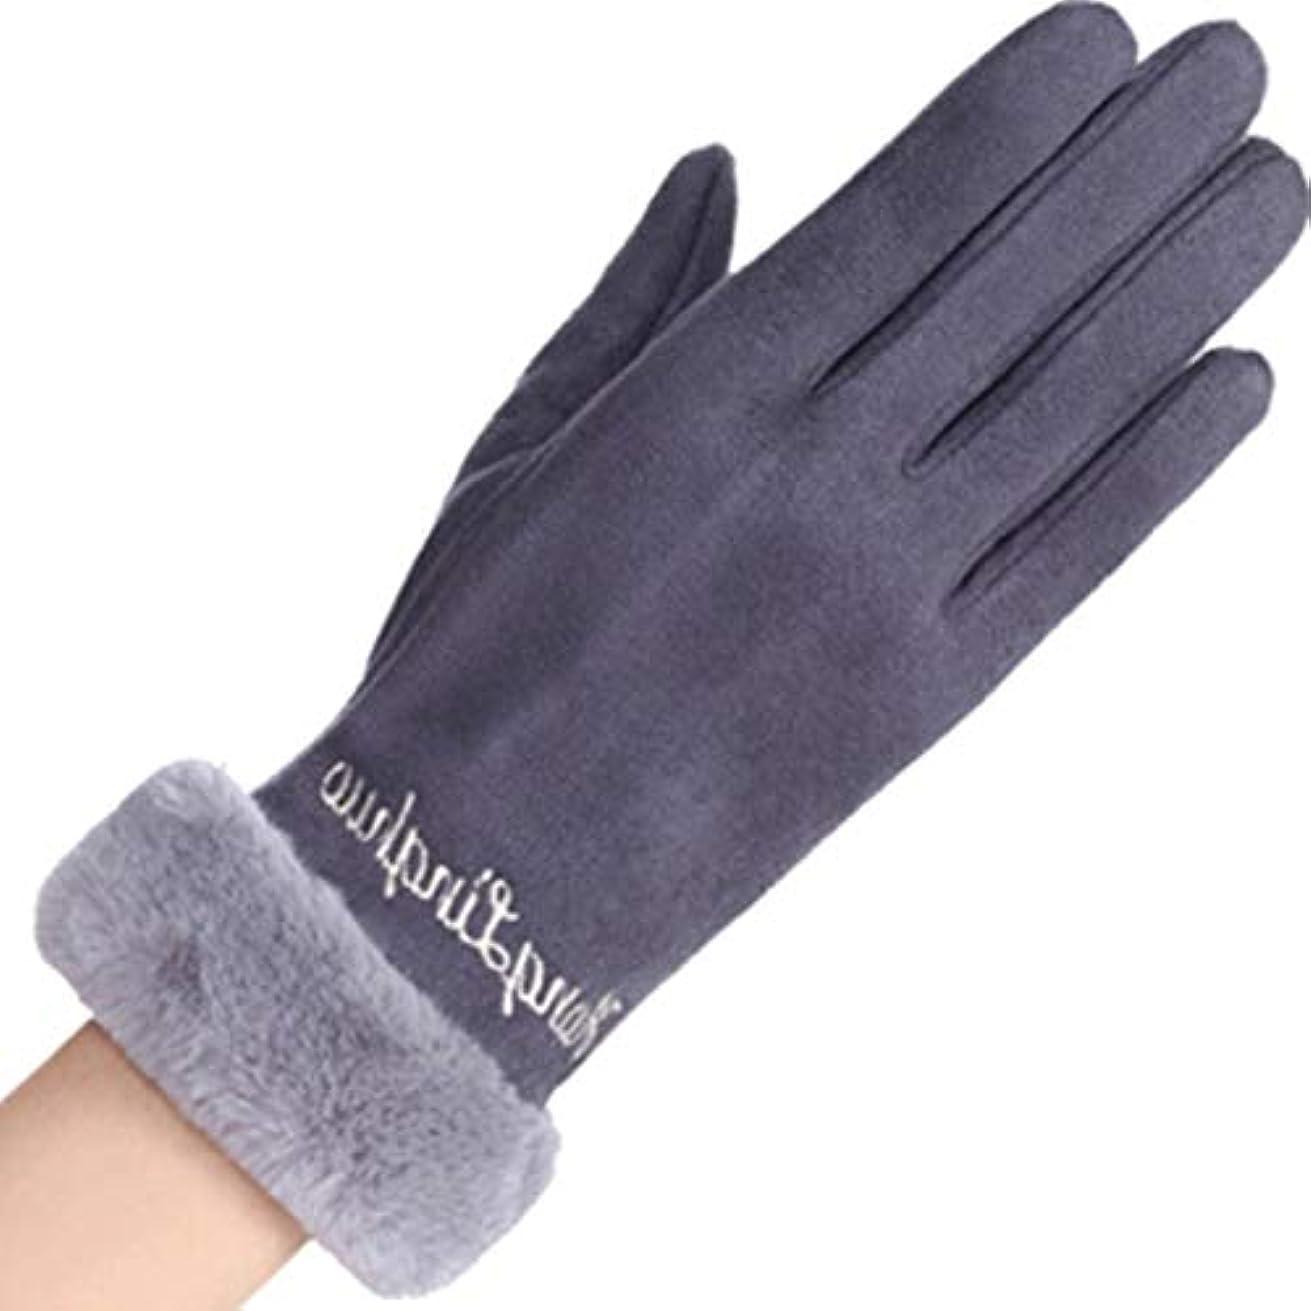 変わる遺跡工場手袋の女性の暖かいタッチスクリーンの携帯電話春と秋の冬の防風レターレディースウール手袋黒灰色の粉 (色 : Gray)